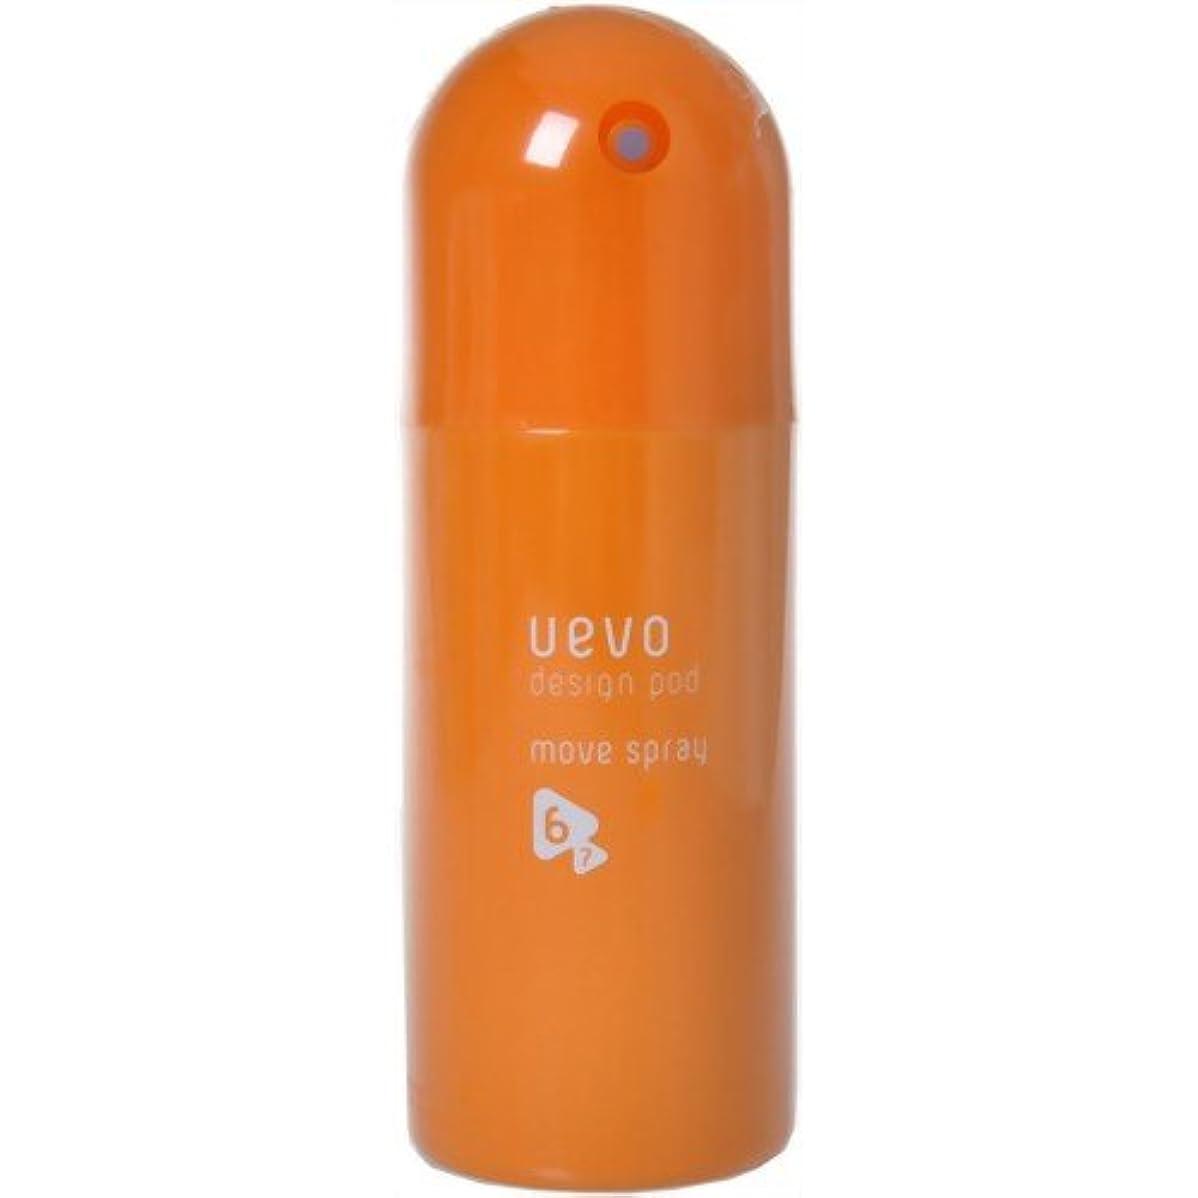 ヘッジ地理ラフ睡眠デミ ウェーボ デザインポッド ムーブスプレー 220ml move spray DEMI uevo design pod